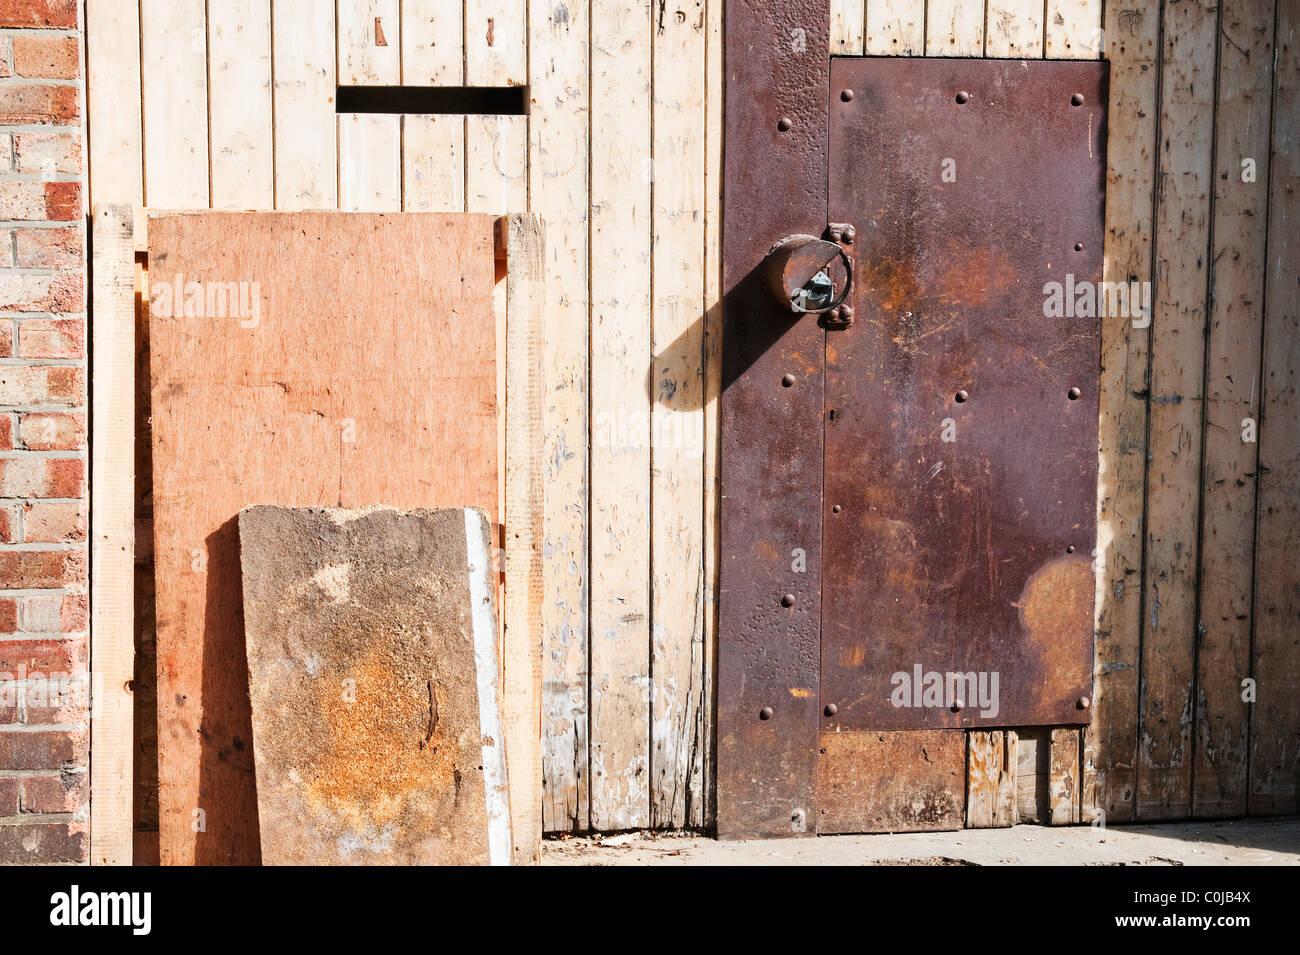 Old rusted metal door - Stock Image & Makeshift Front Door Stock Photos u0026 Makeshift Front Door Stock ...